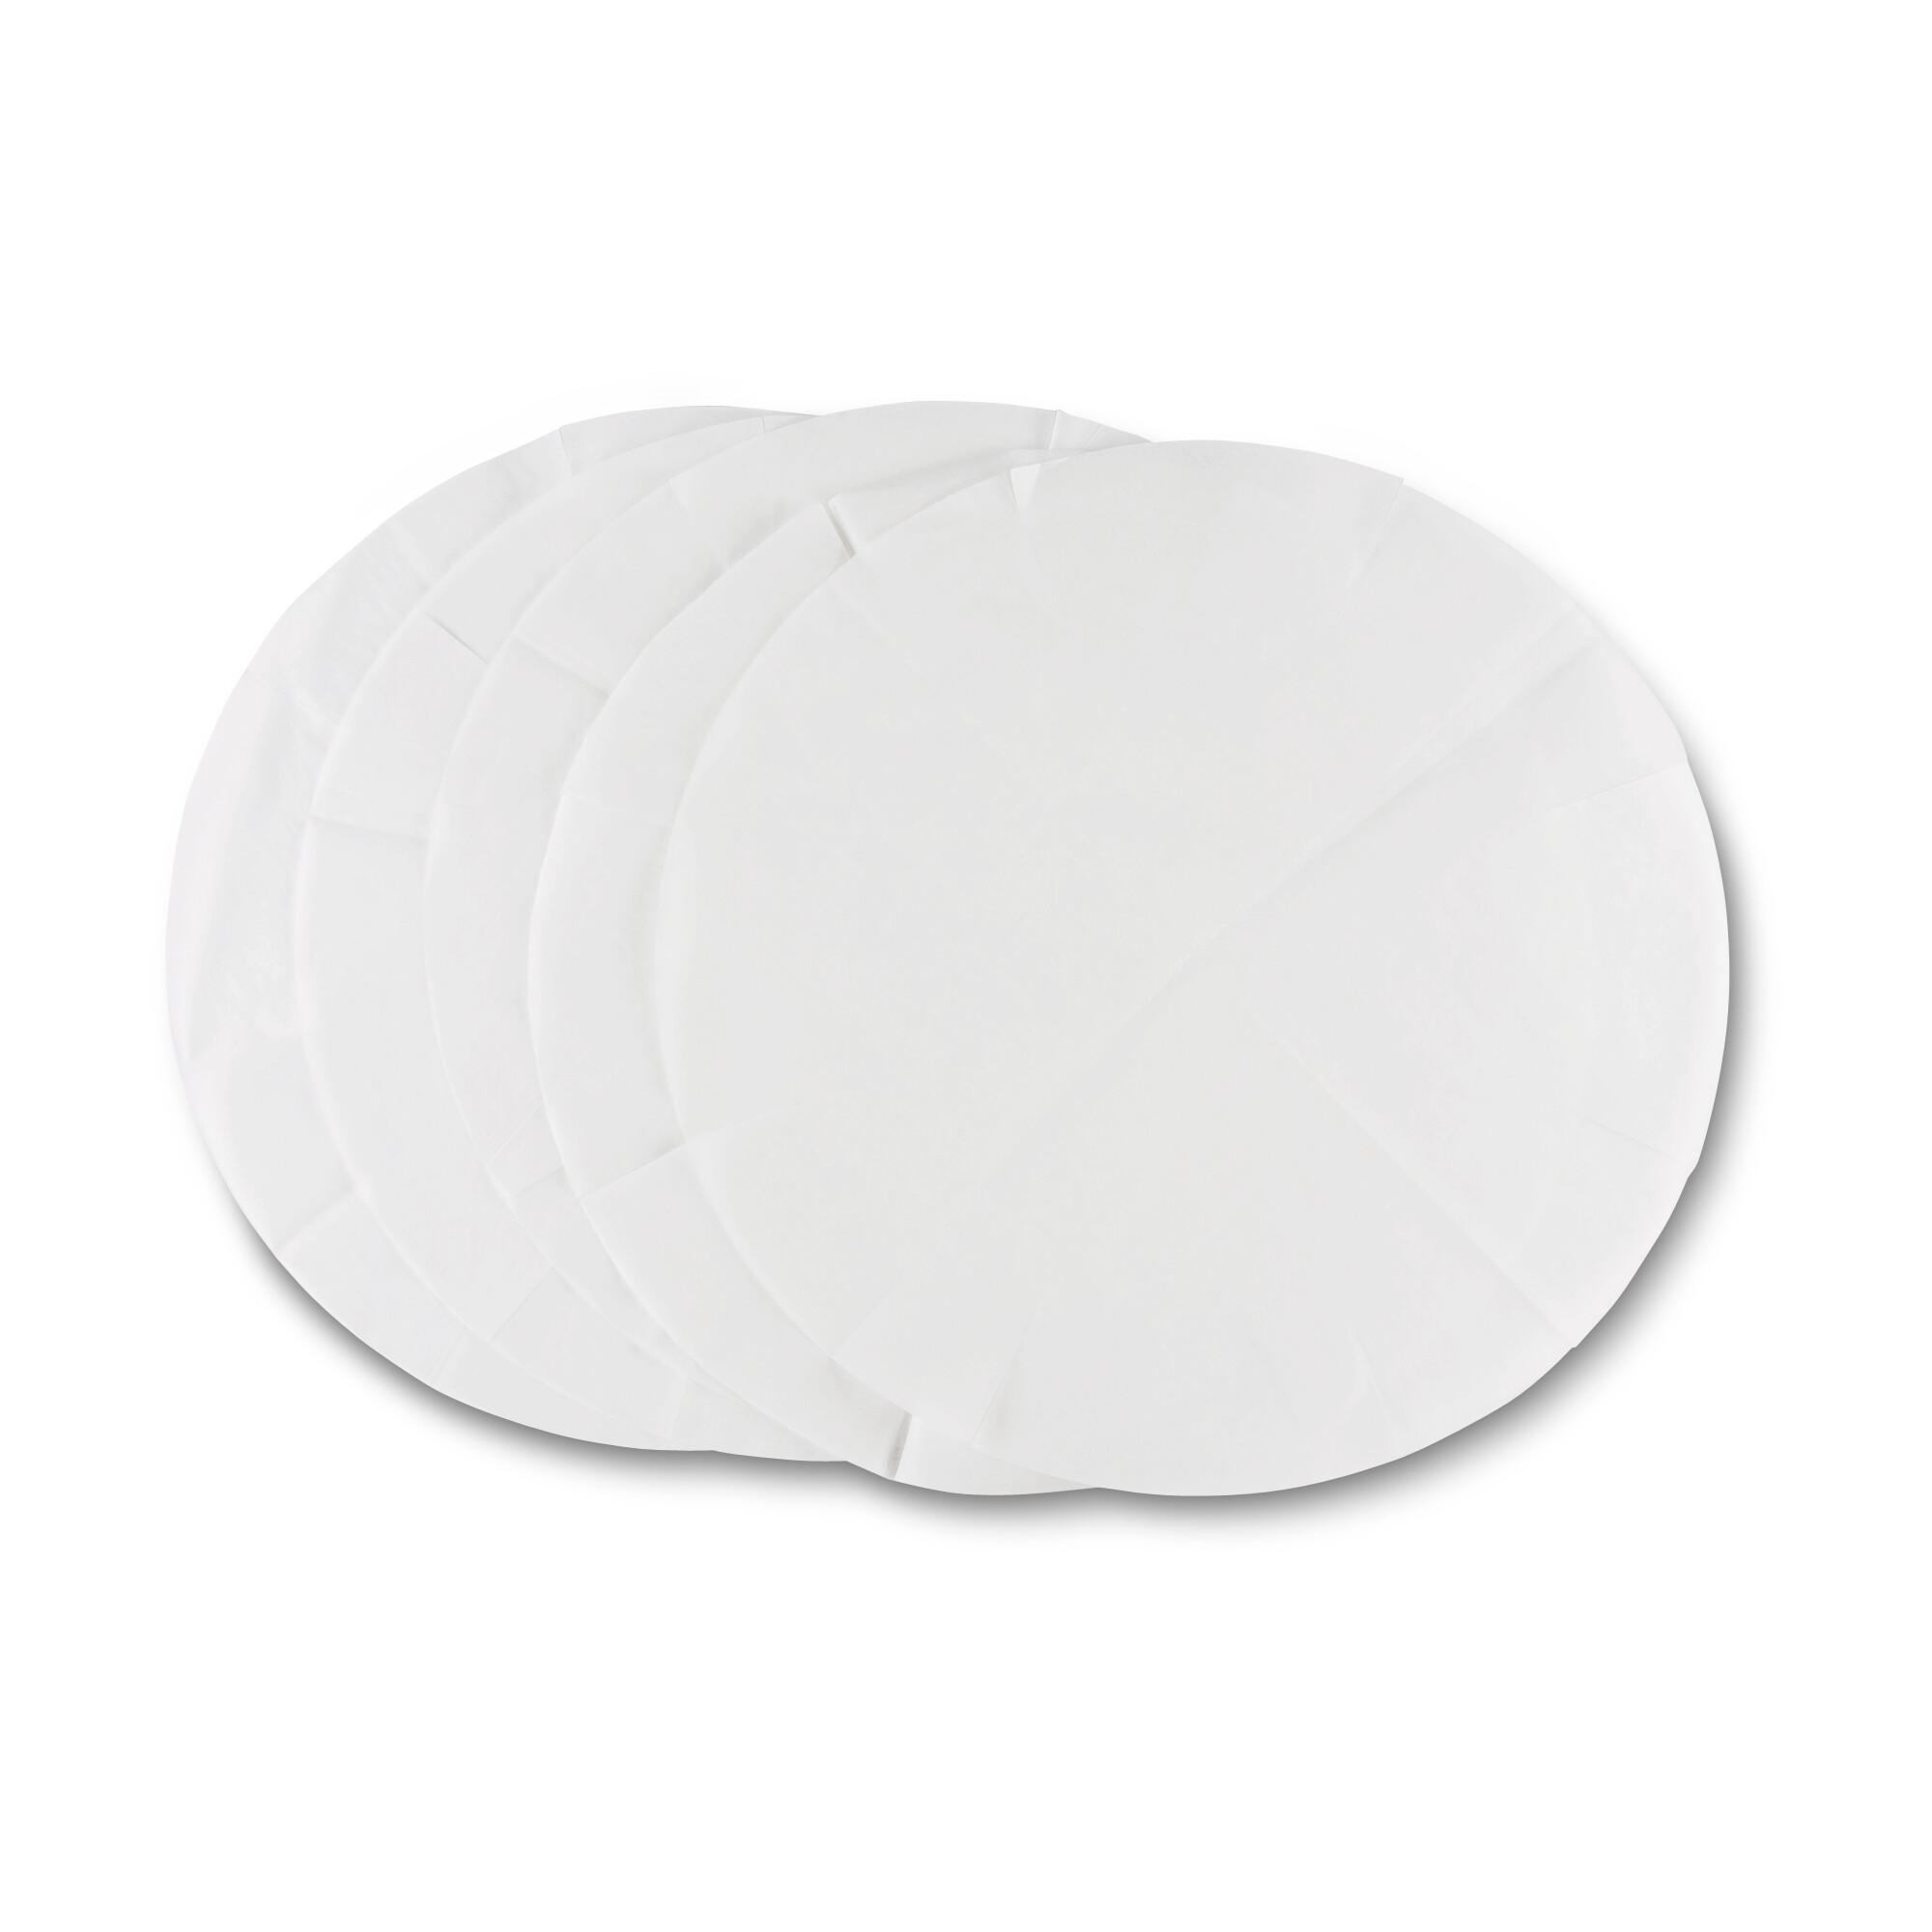 Baking paper - Round - 10 pieces